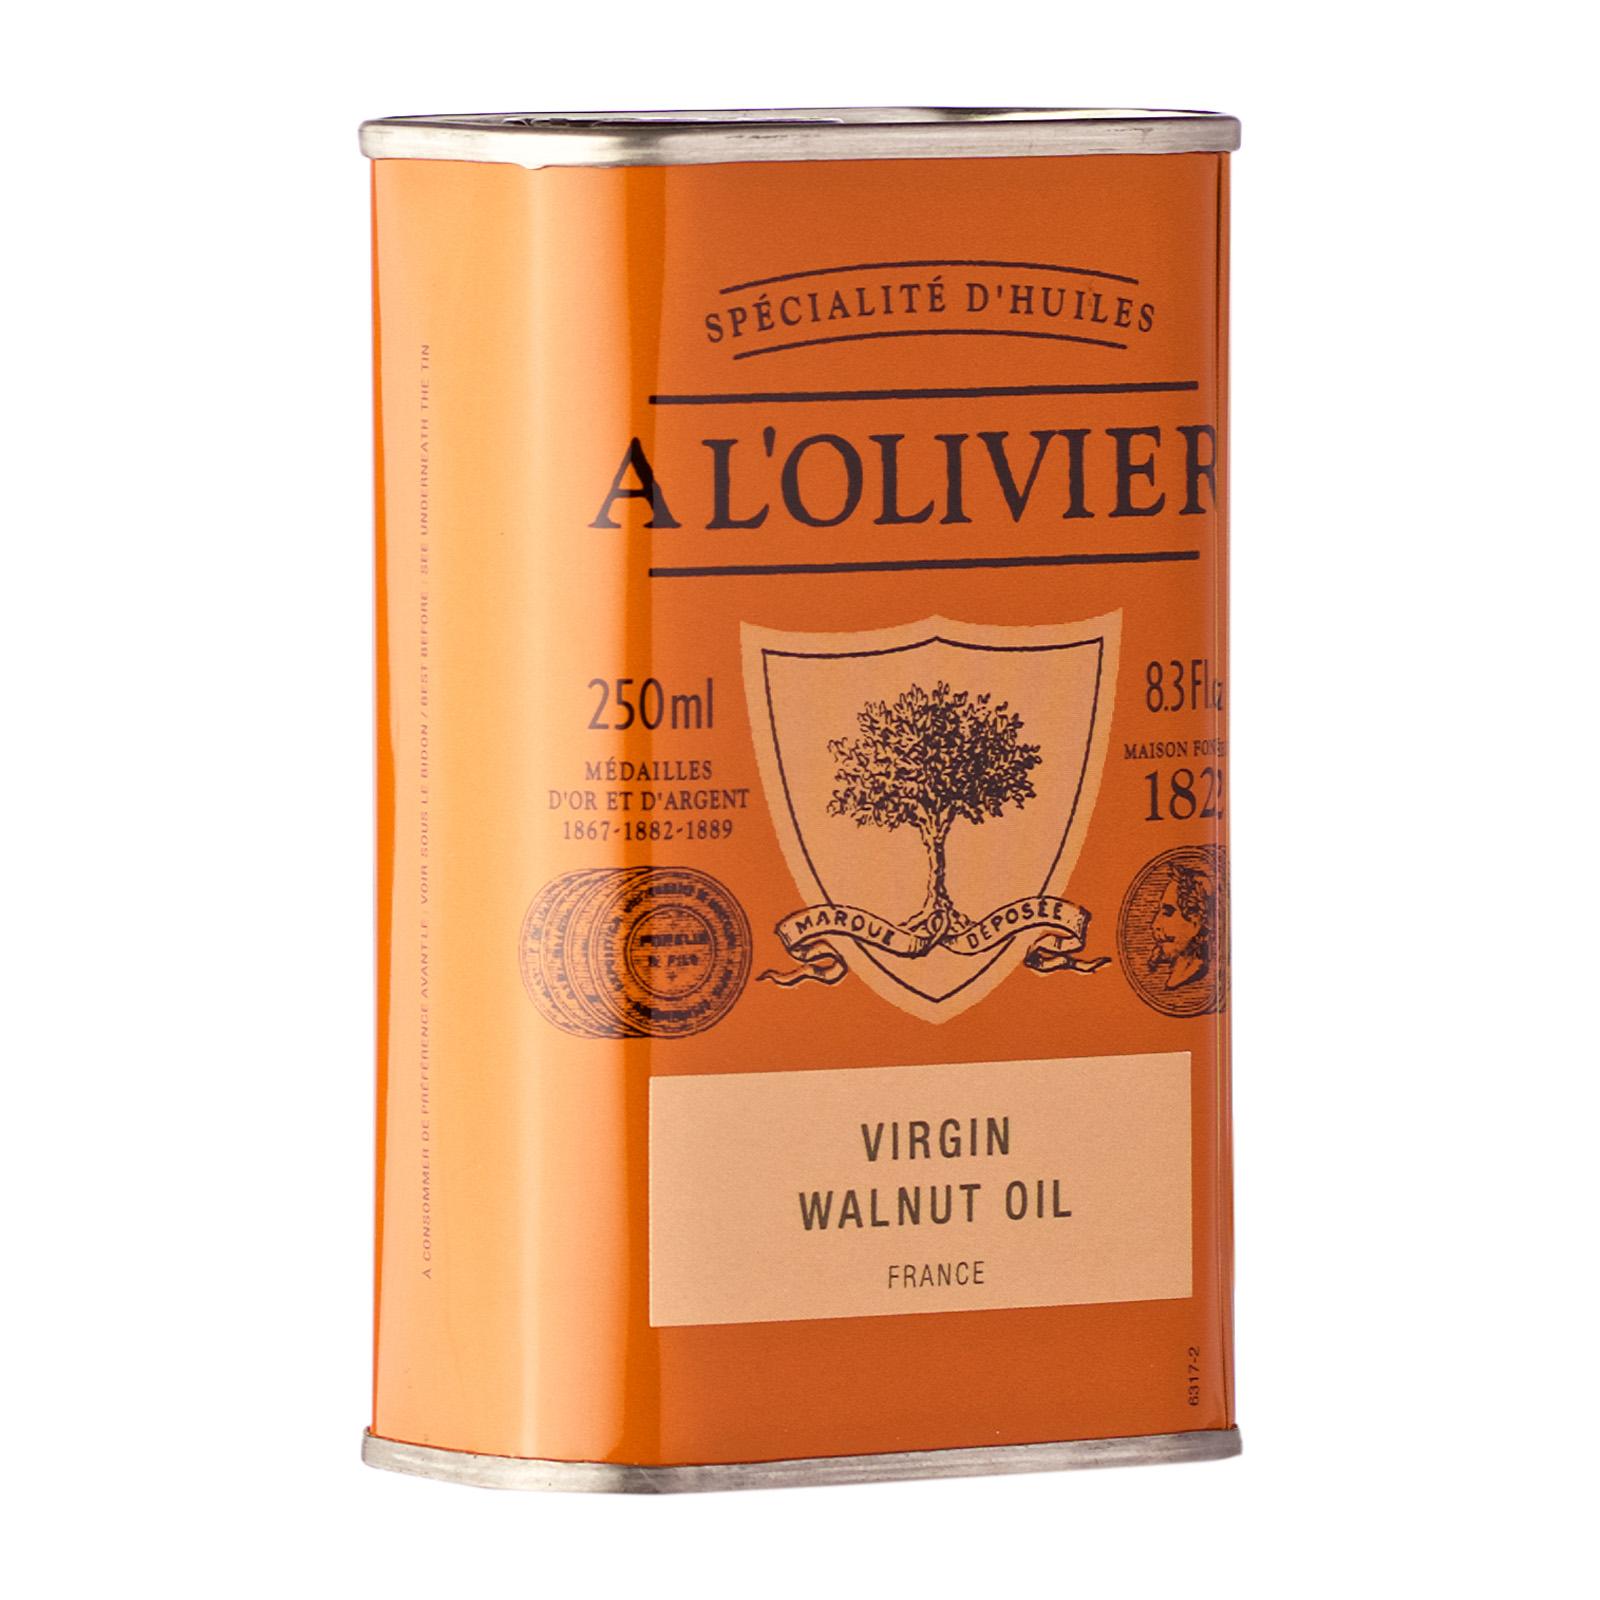 VIRGIN WALNUT OIL TIN